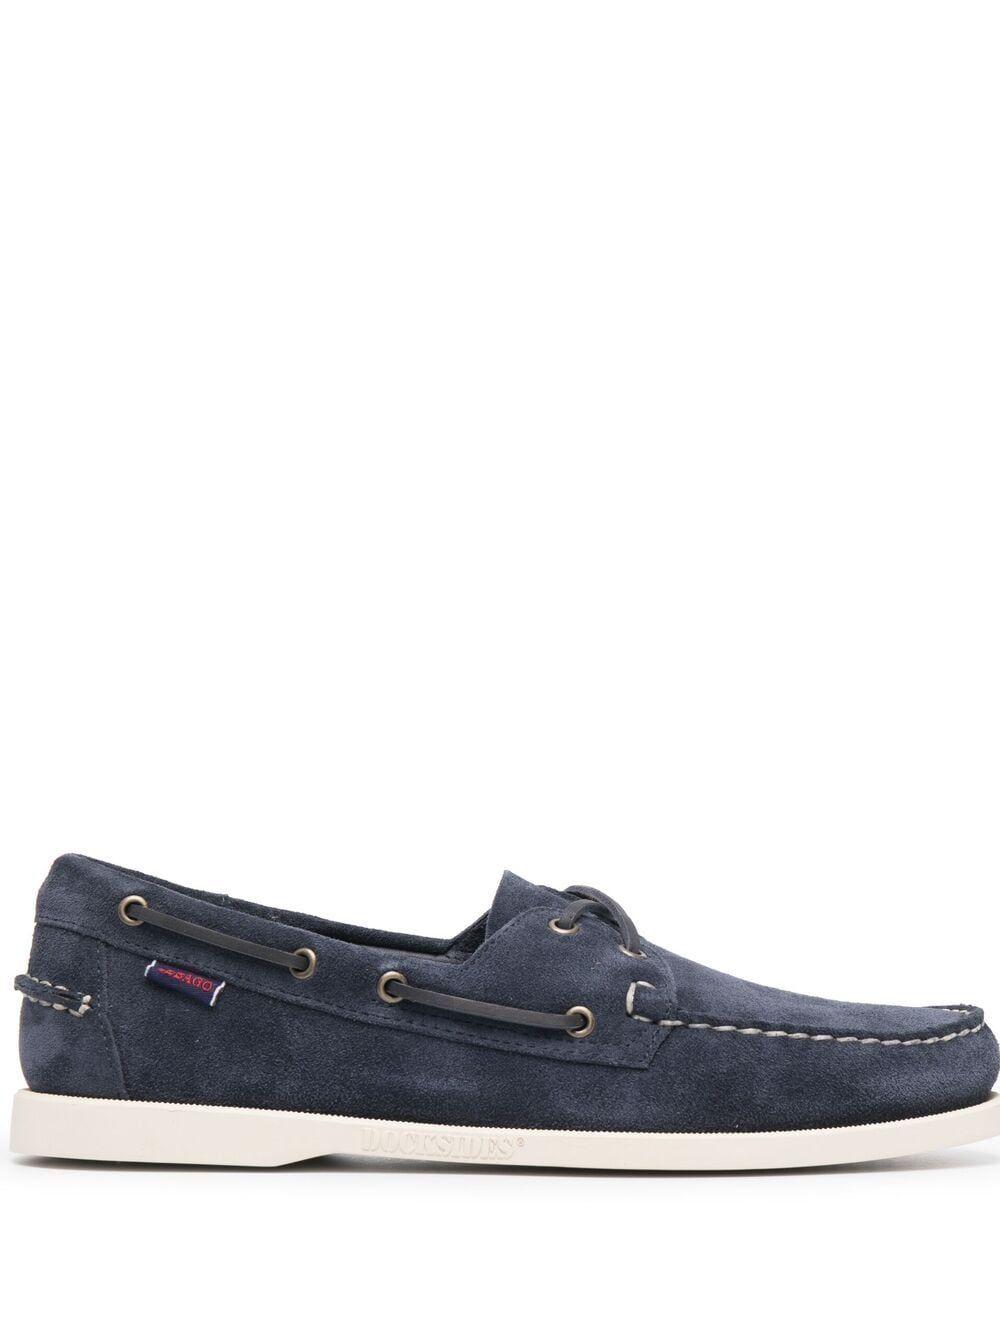 Sebago scarpe basse blu